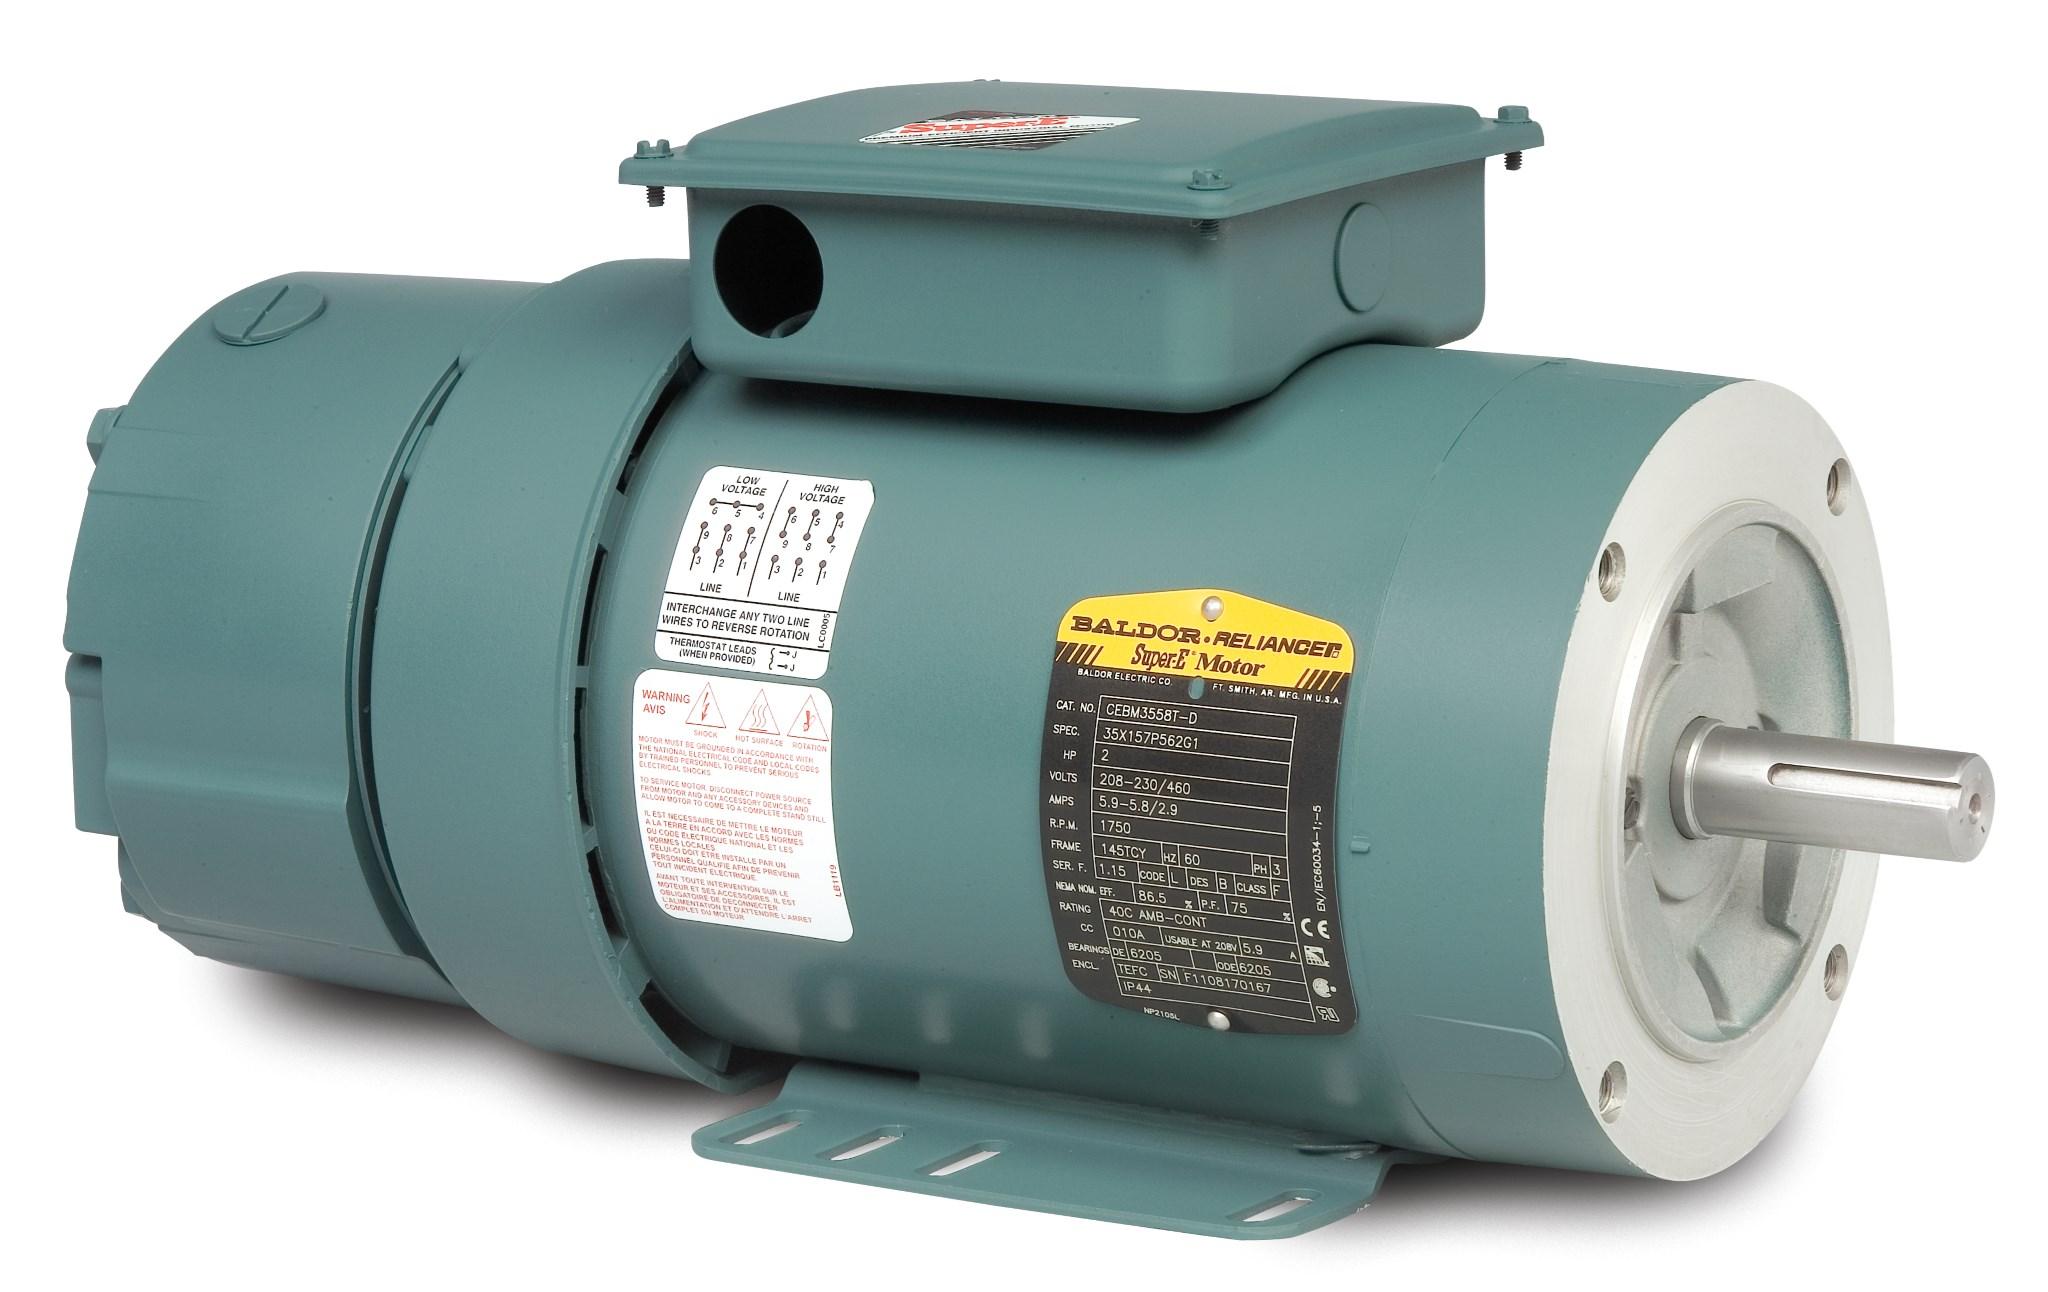 M3558t Baldor Wiring Diagramt Motor Capacitor Imagebcwhiteas1w256 D Series Brake Motors Com At